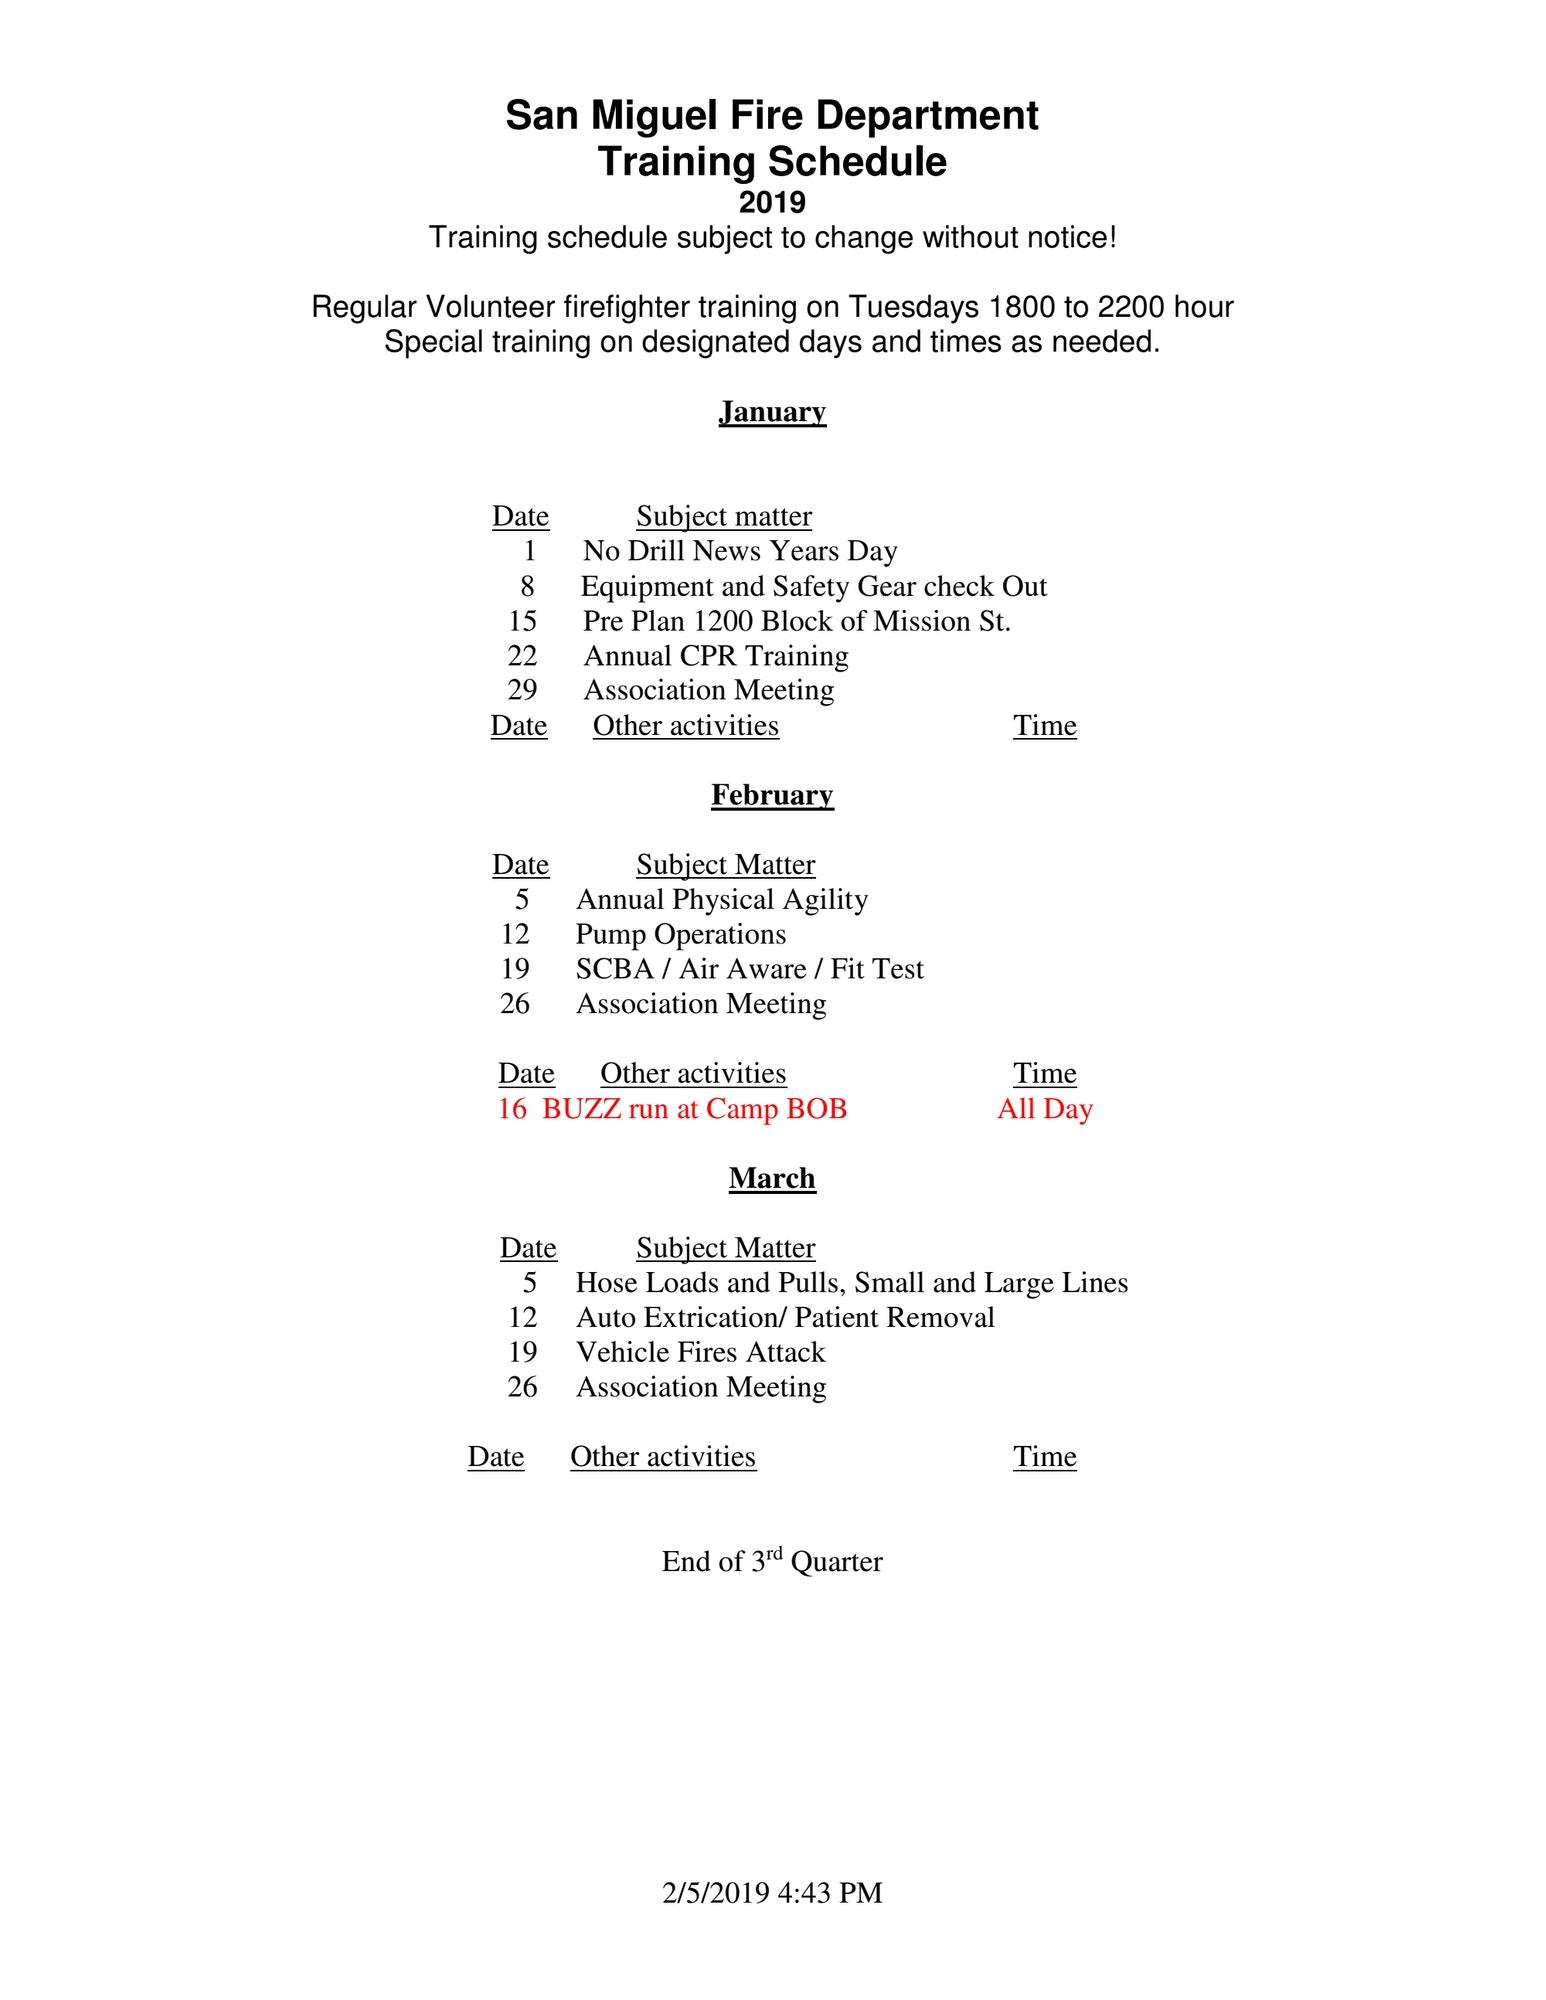 2019 Training Schedual